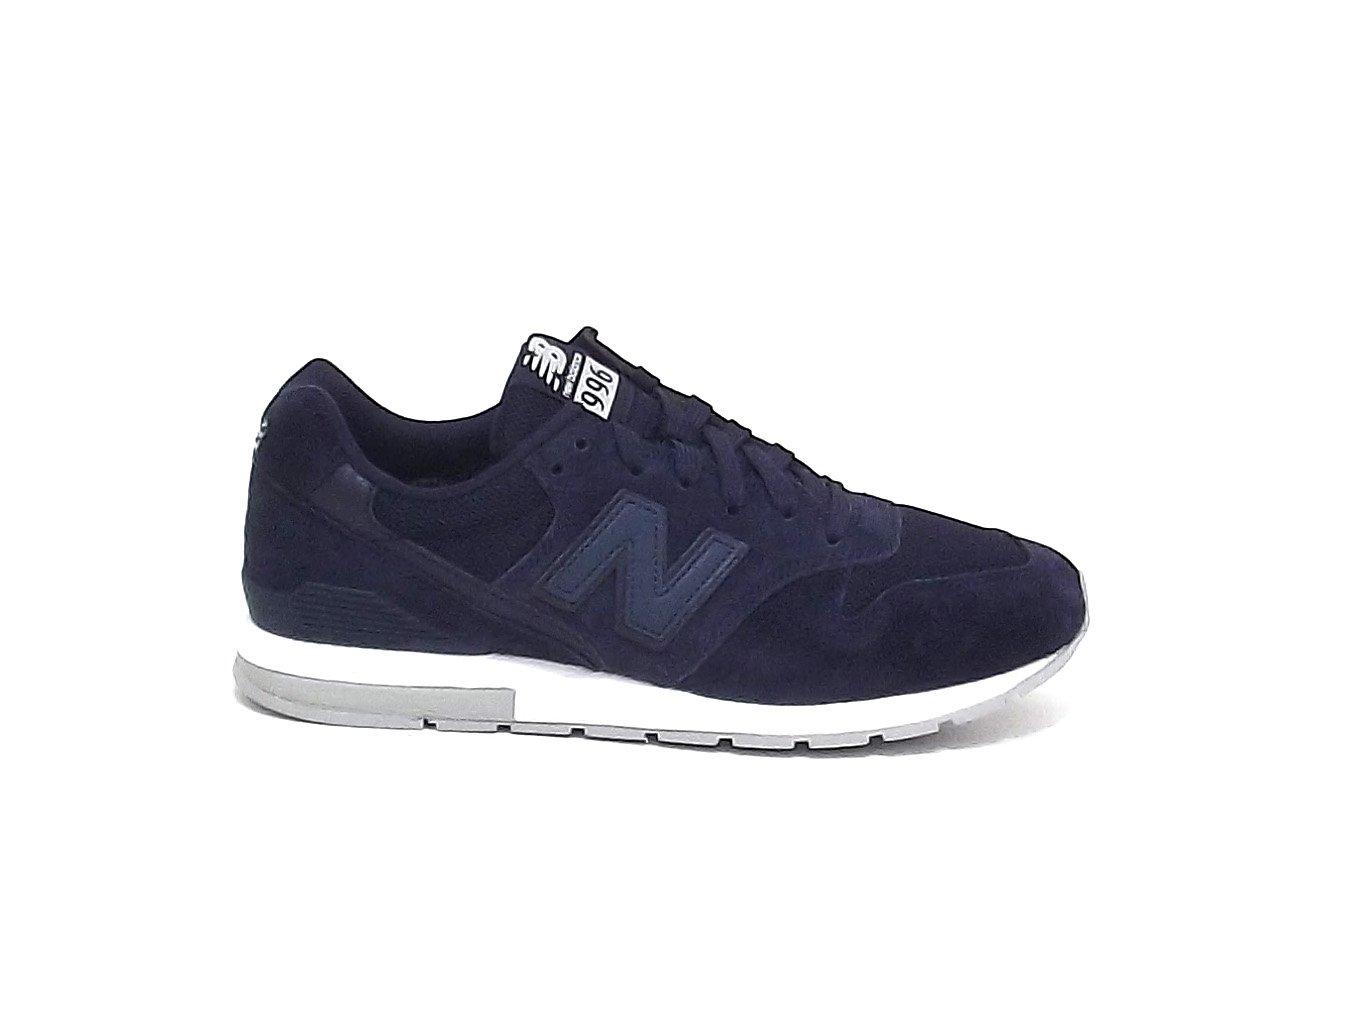 New Balance 996 Hombre Zapatillas Azul 40.5 EU|Azul